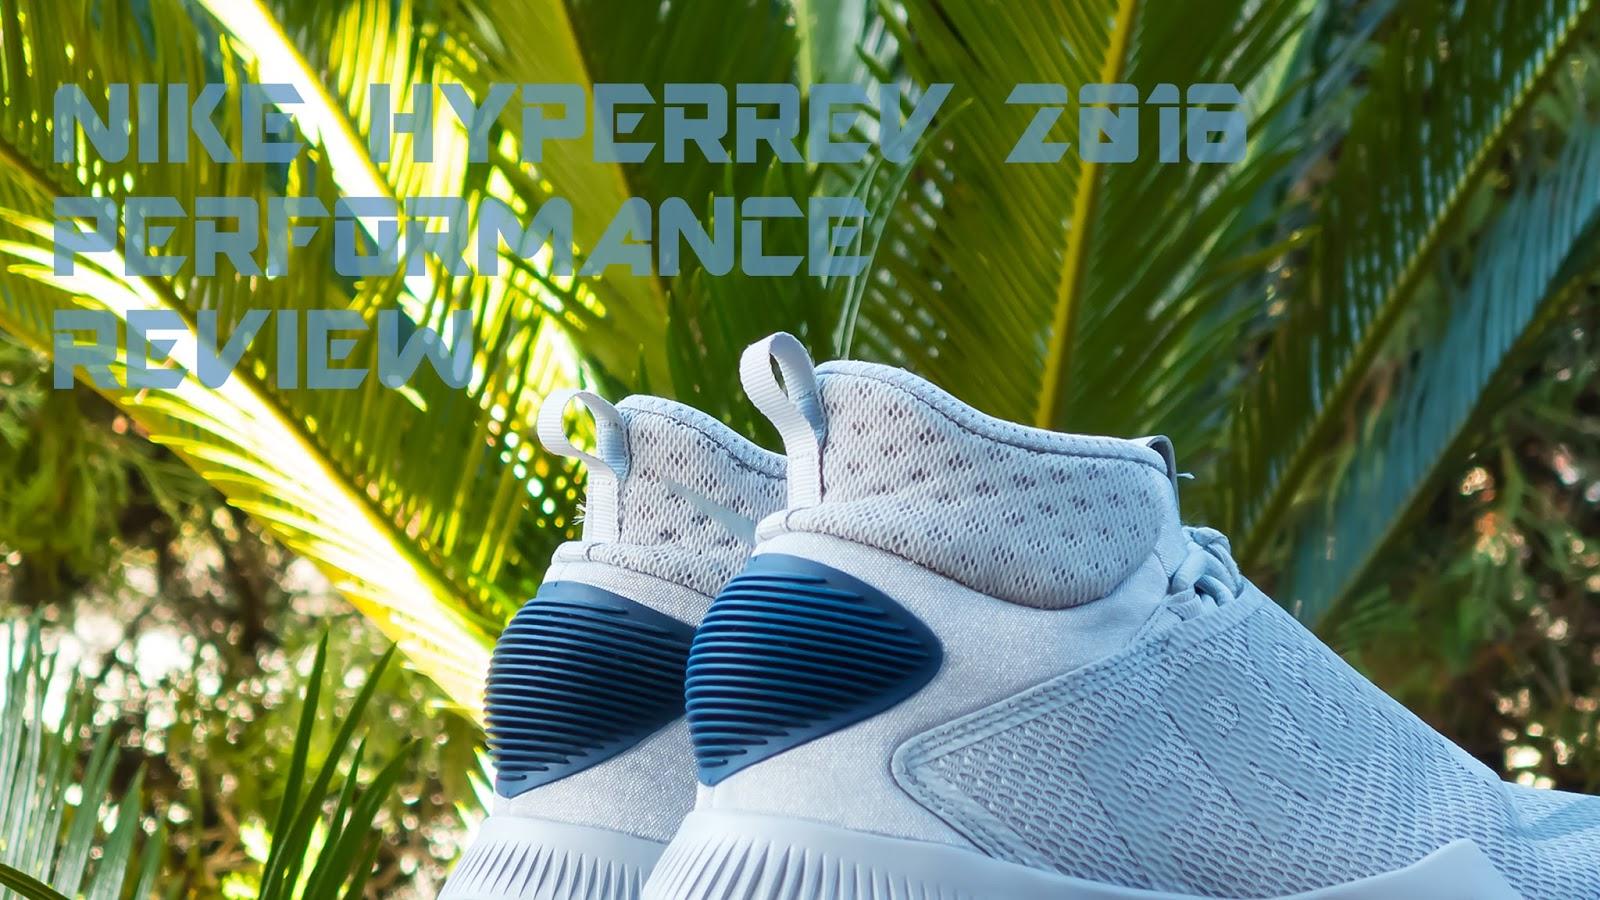 c9a1feca462279 Nike Hyper Rev 2016 Performance Review - SZOK